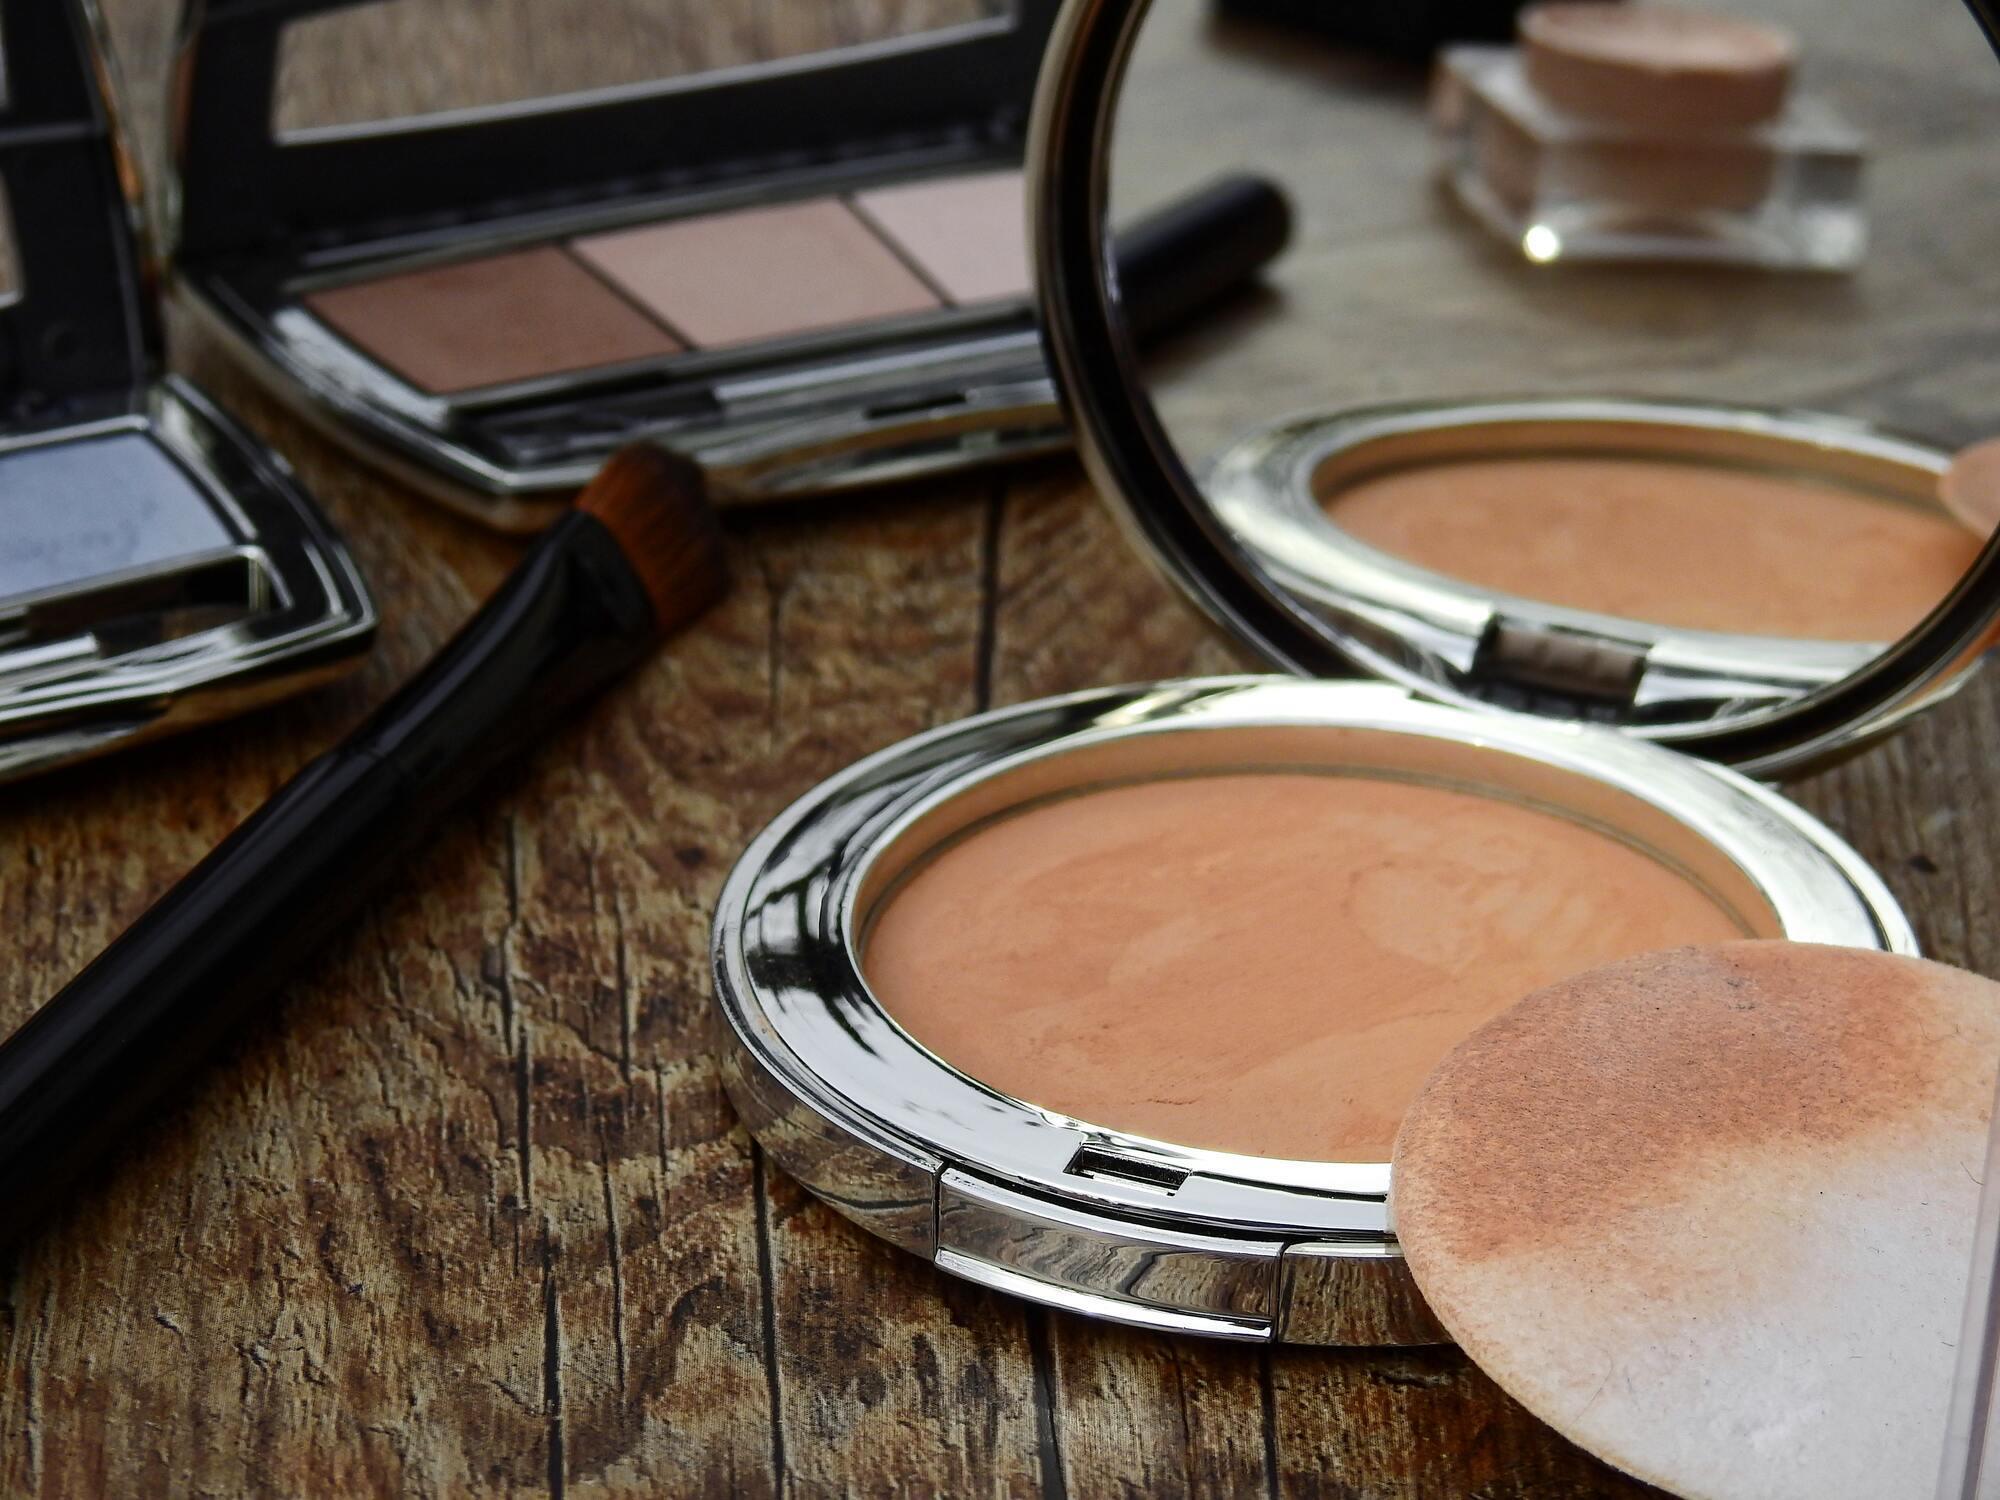 Визажисты уверены, что очищение кожи – один из самых главных этапов в уходе за ней